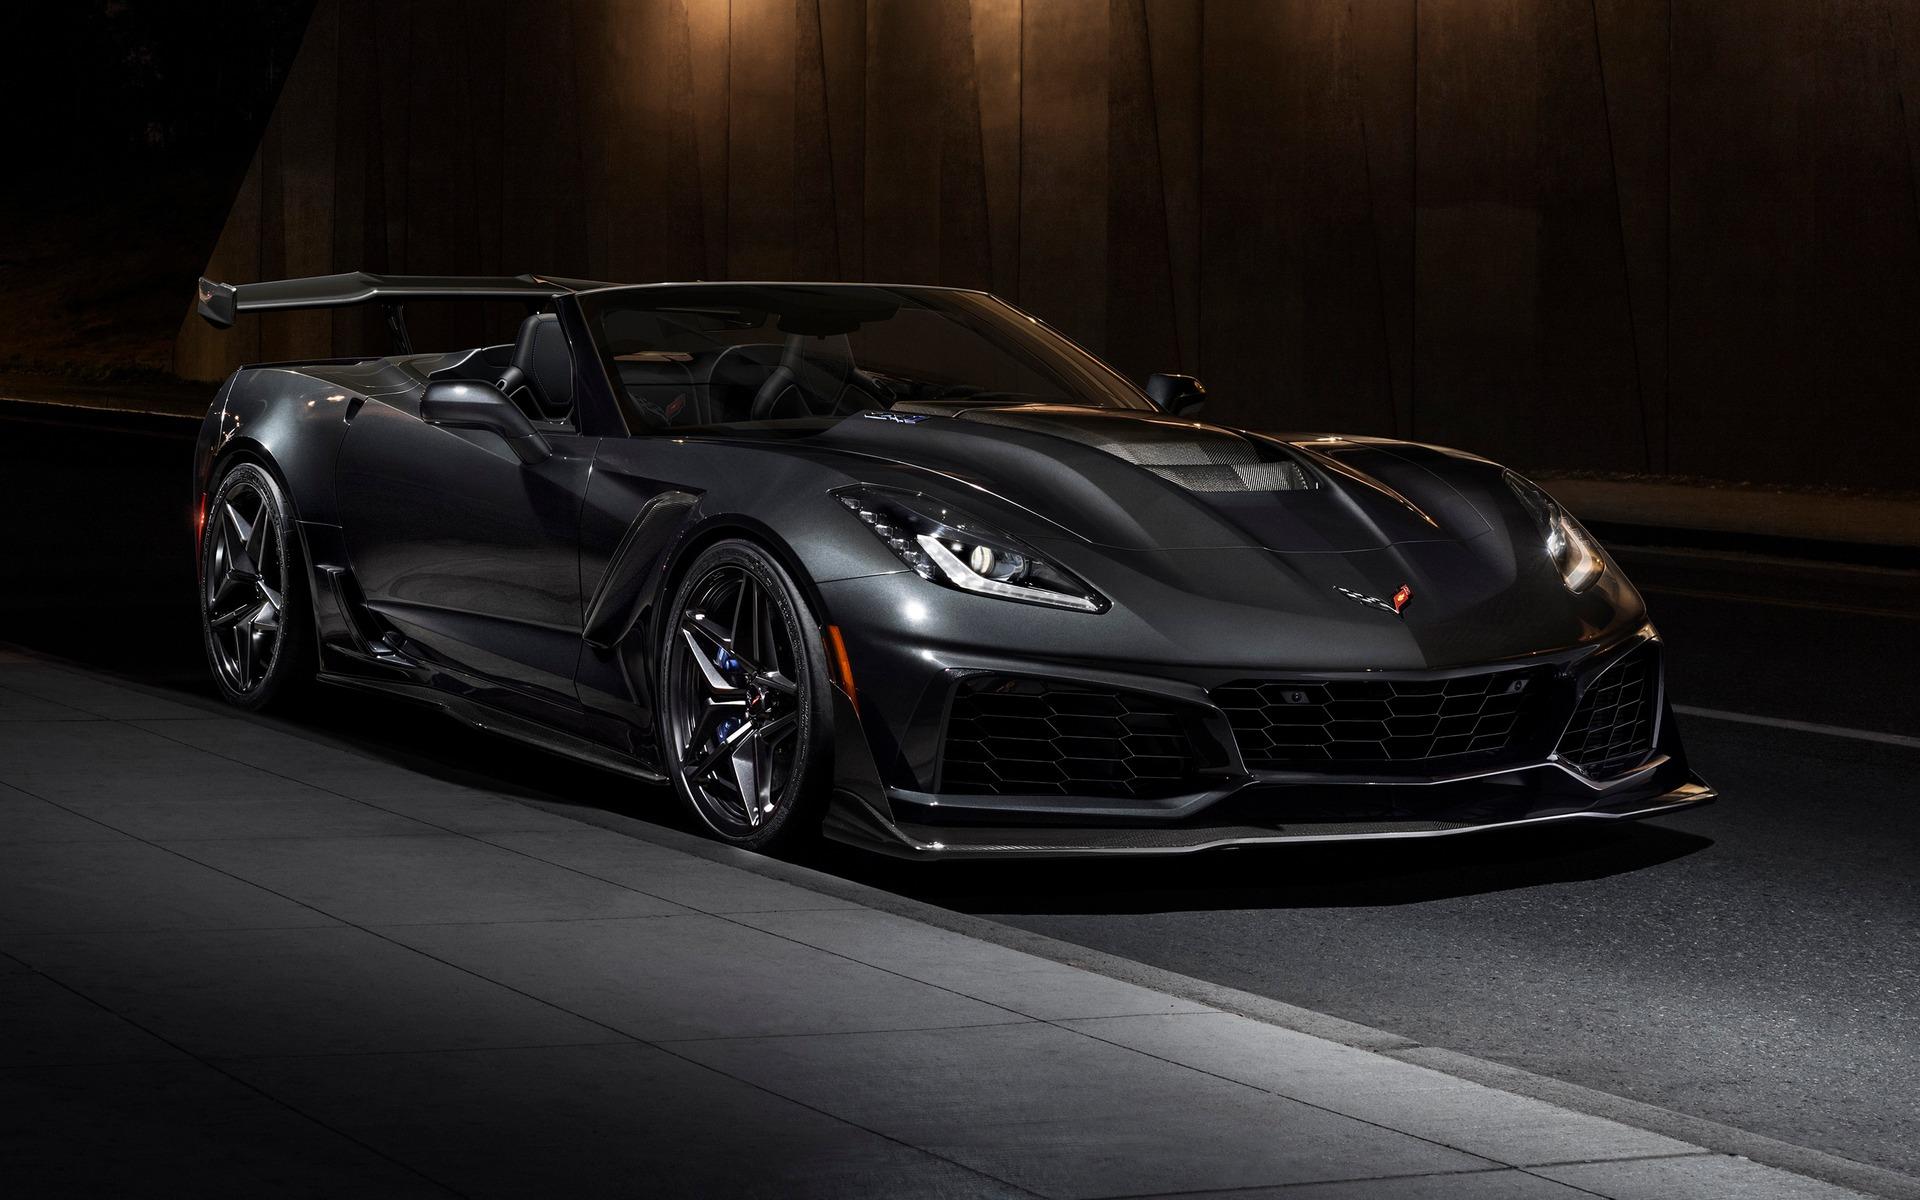 2020 Chevrolet Corvette All The Latest Details 5 5